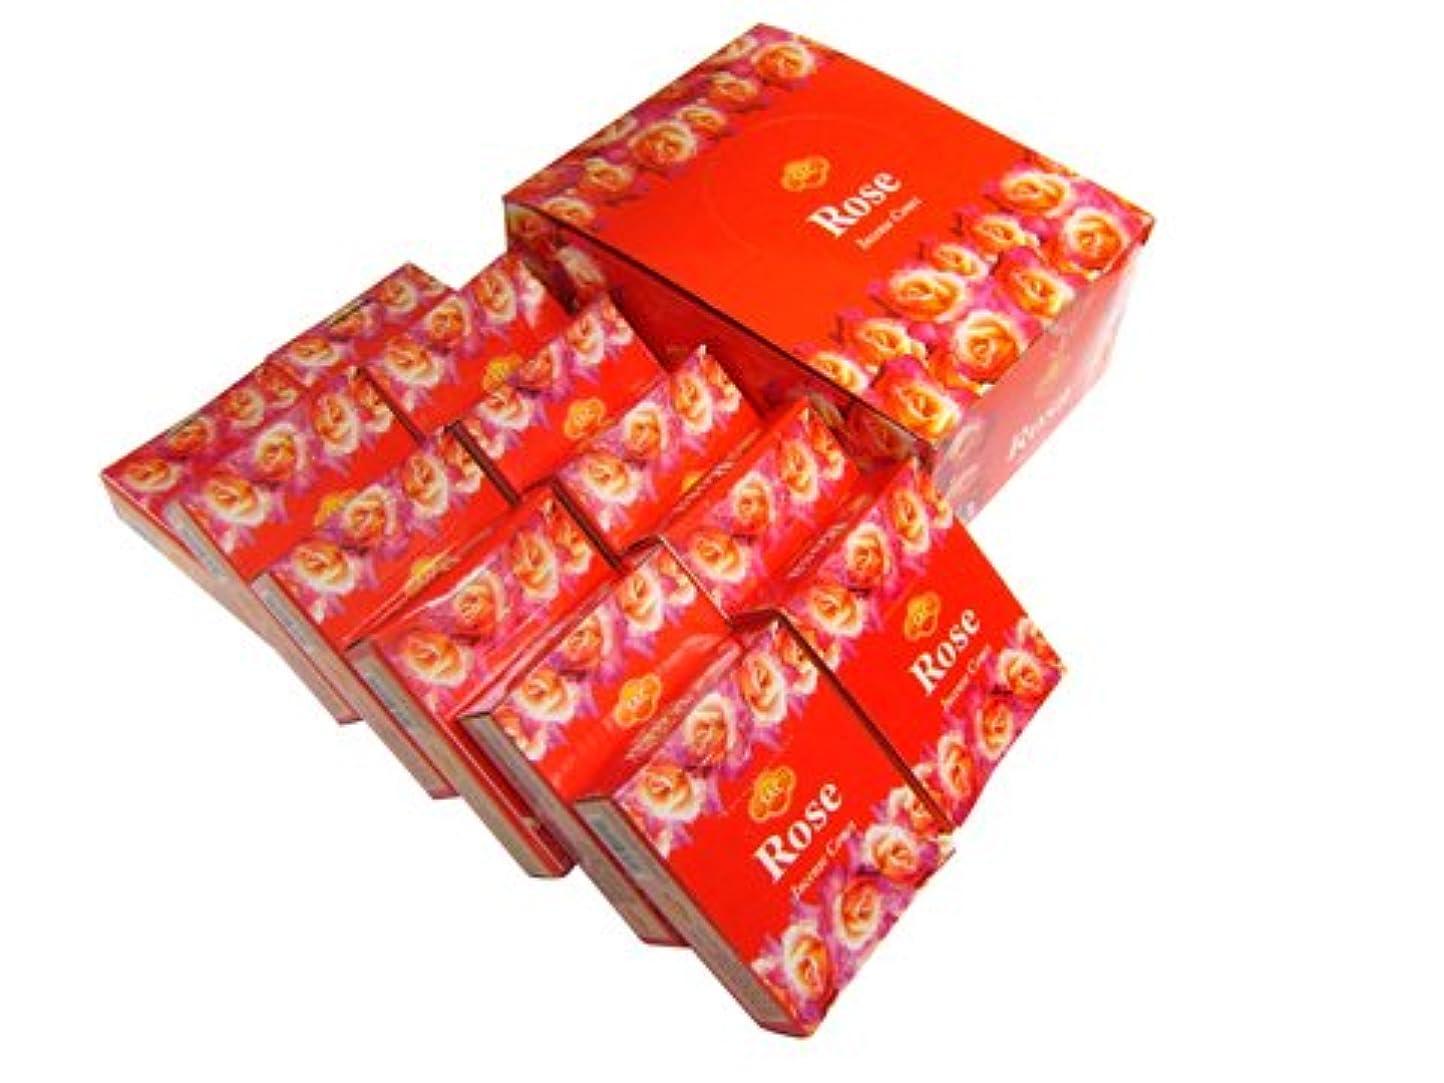 ボウル担当者警報SANDESH SAC (サンデッシュ) ローズ香コーンタイプ ROSE CORN 12箱セット